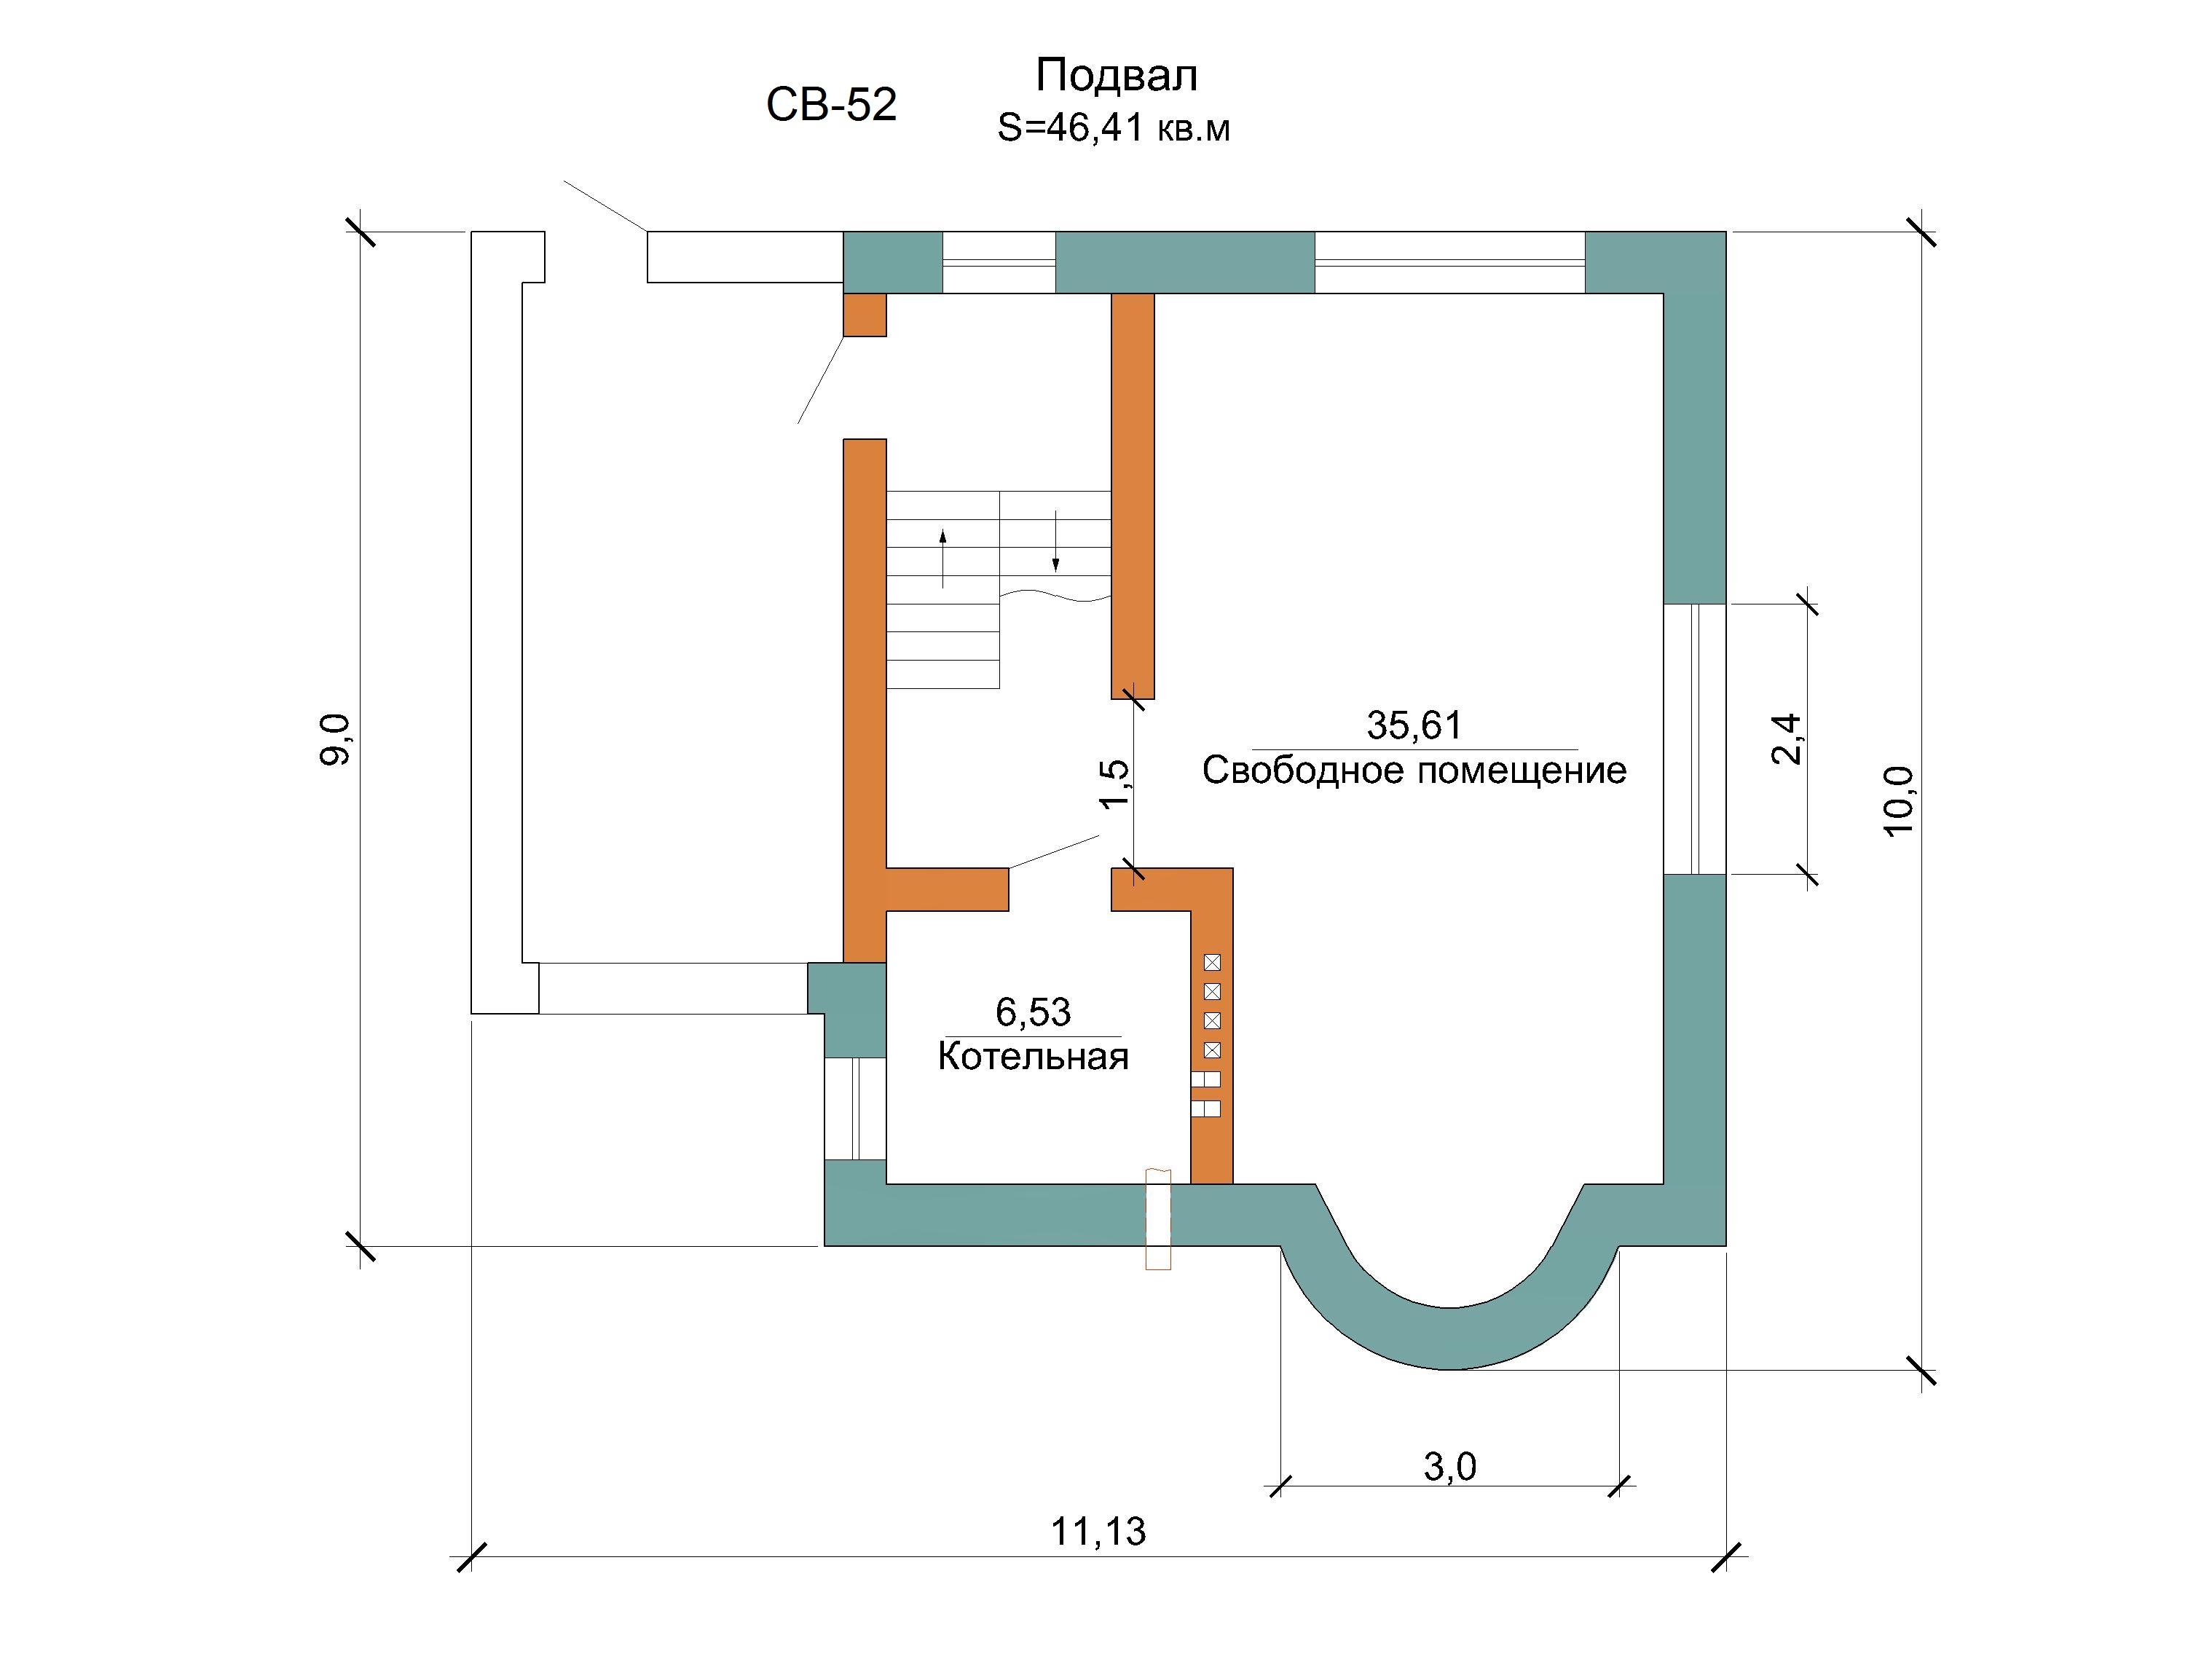 Готовый проект коттеджа 153 кв. м / Артикул СВ-52 план